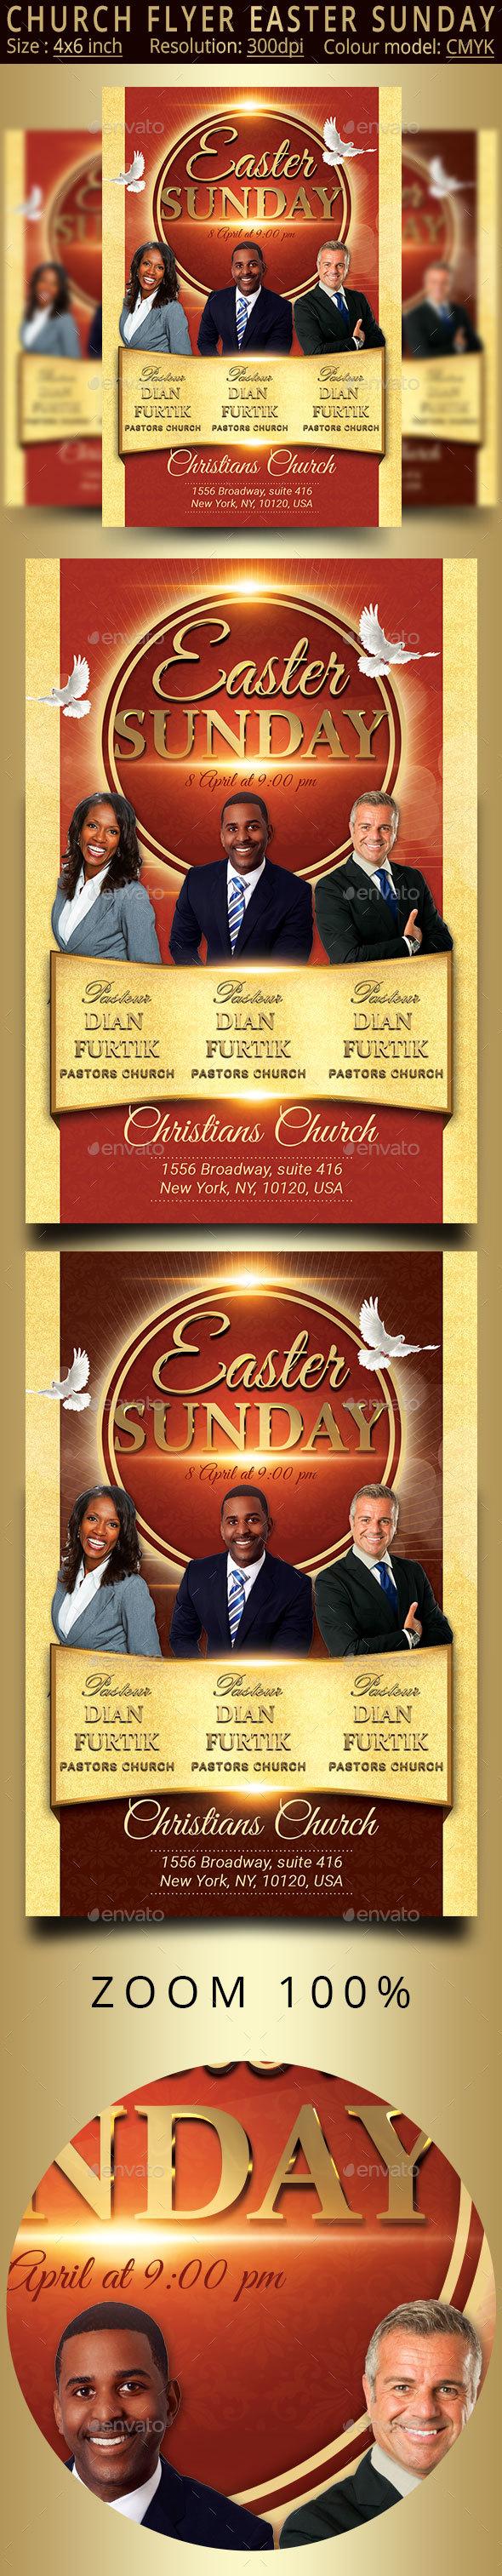 Easter Sunday Church Flyer - Church Flyers